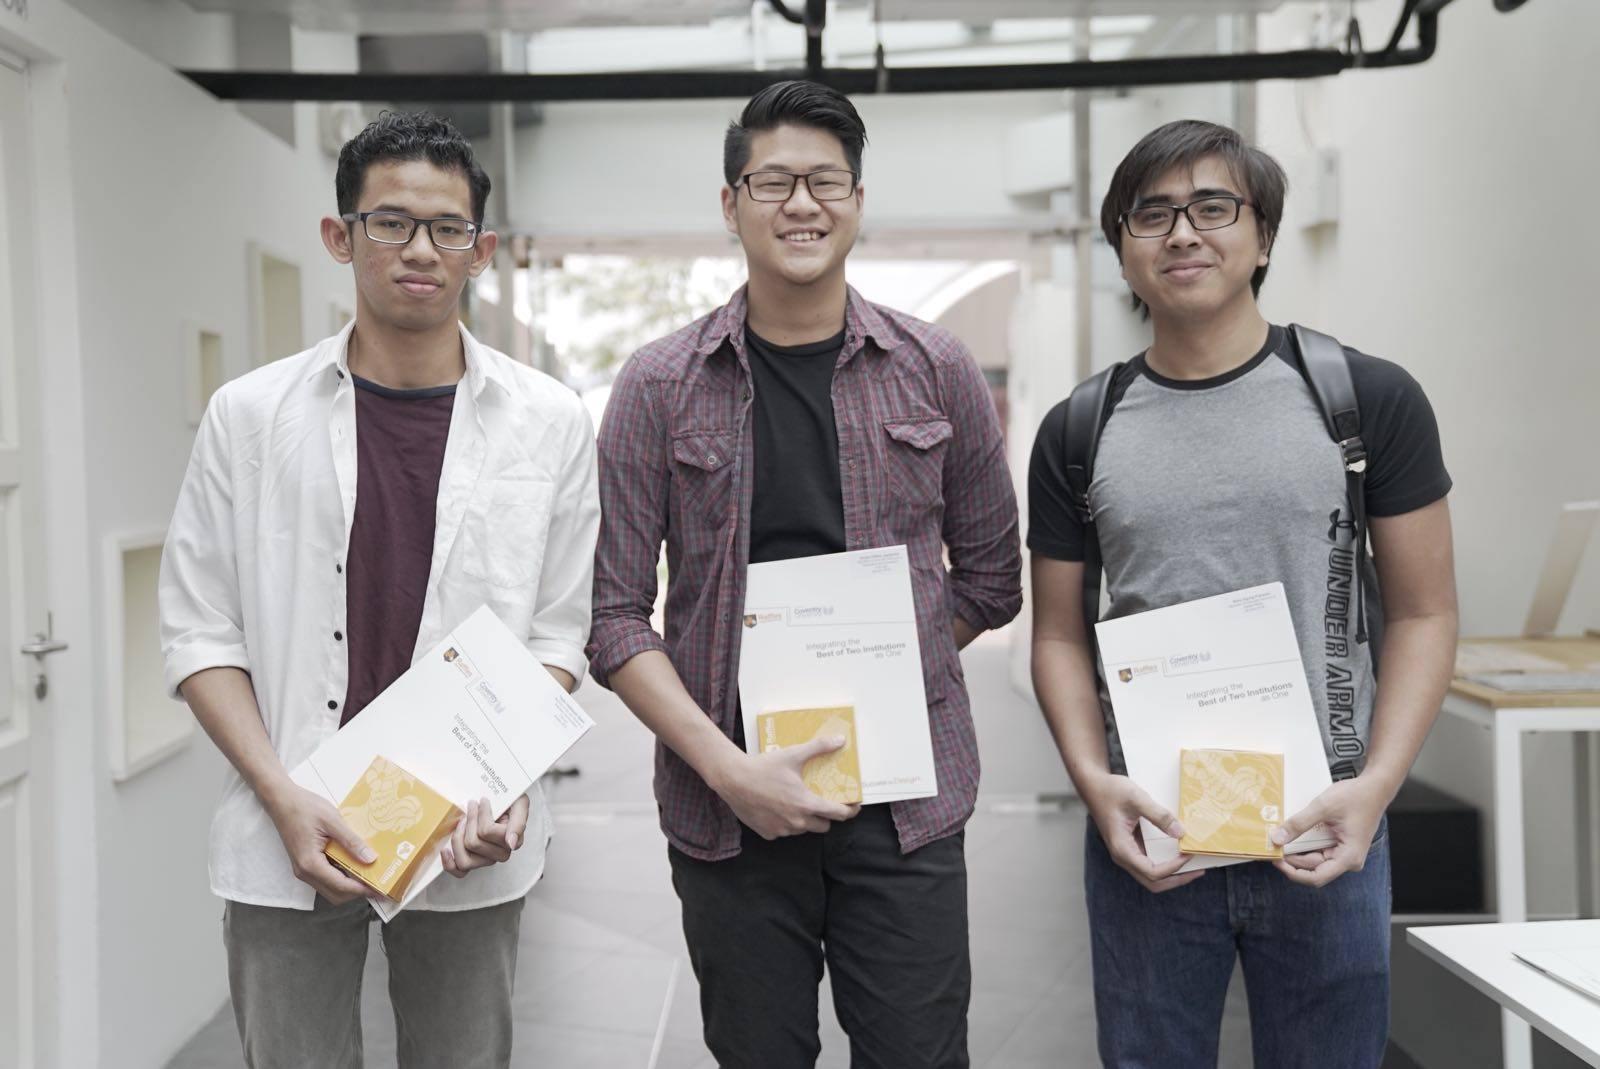 Raffles Singapore Janurary 2018 Orientation